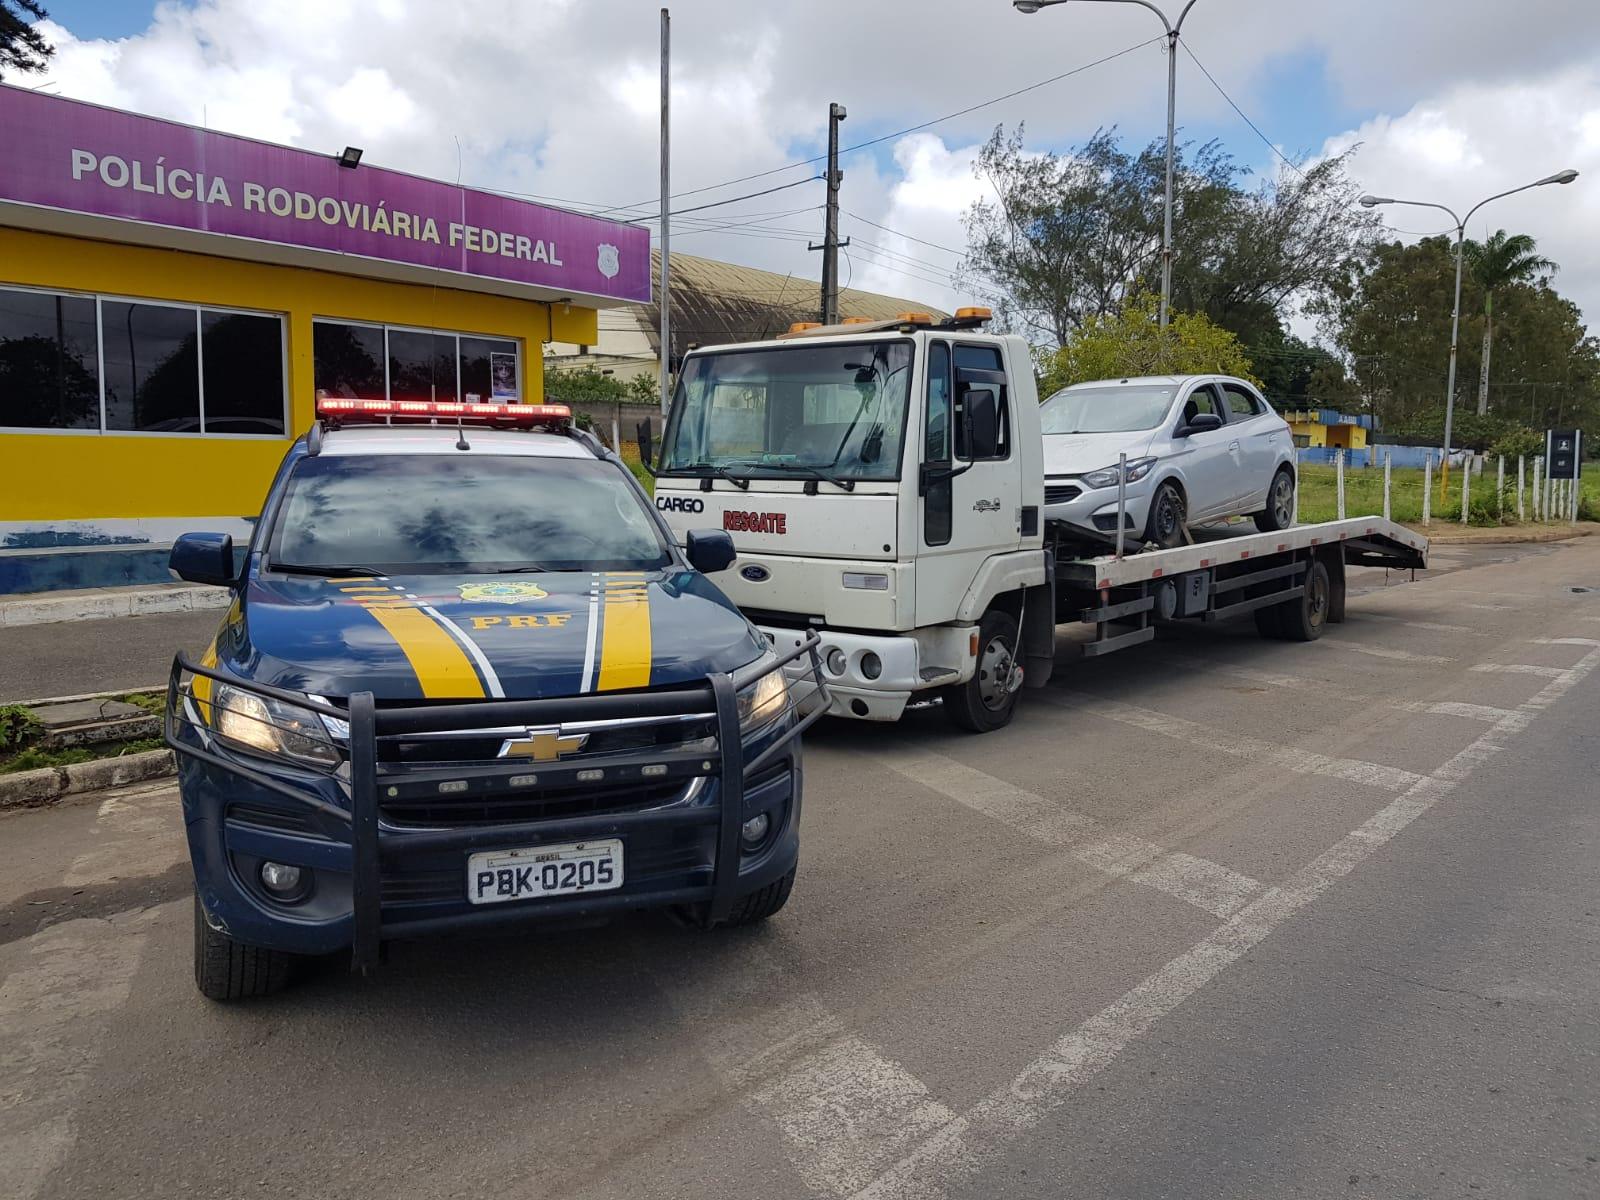 Blitz recolheu 14 veículos irregulares e registrou 17,9 toneladas de excesso de peso. (PRF/Divulgação)